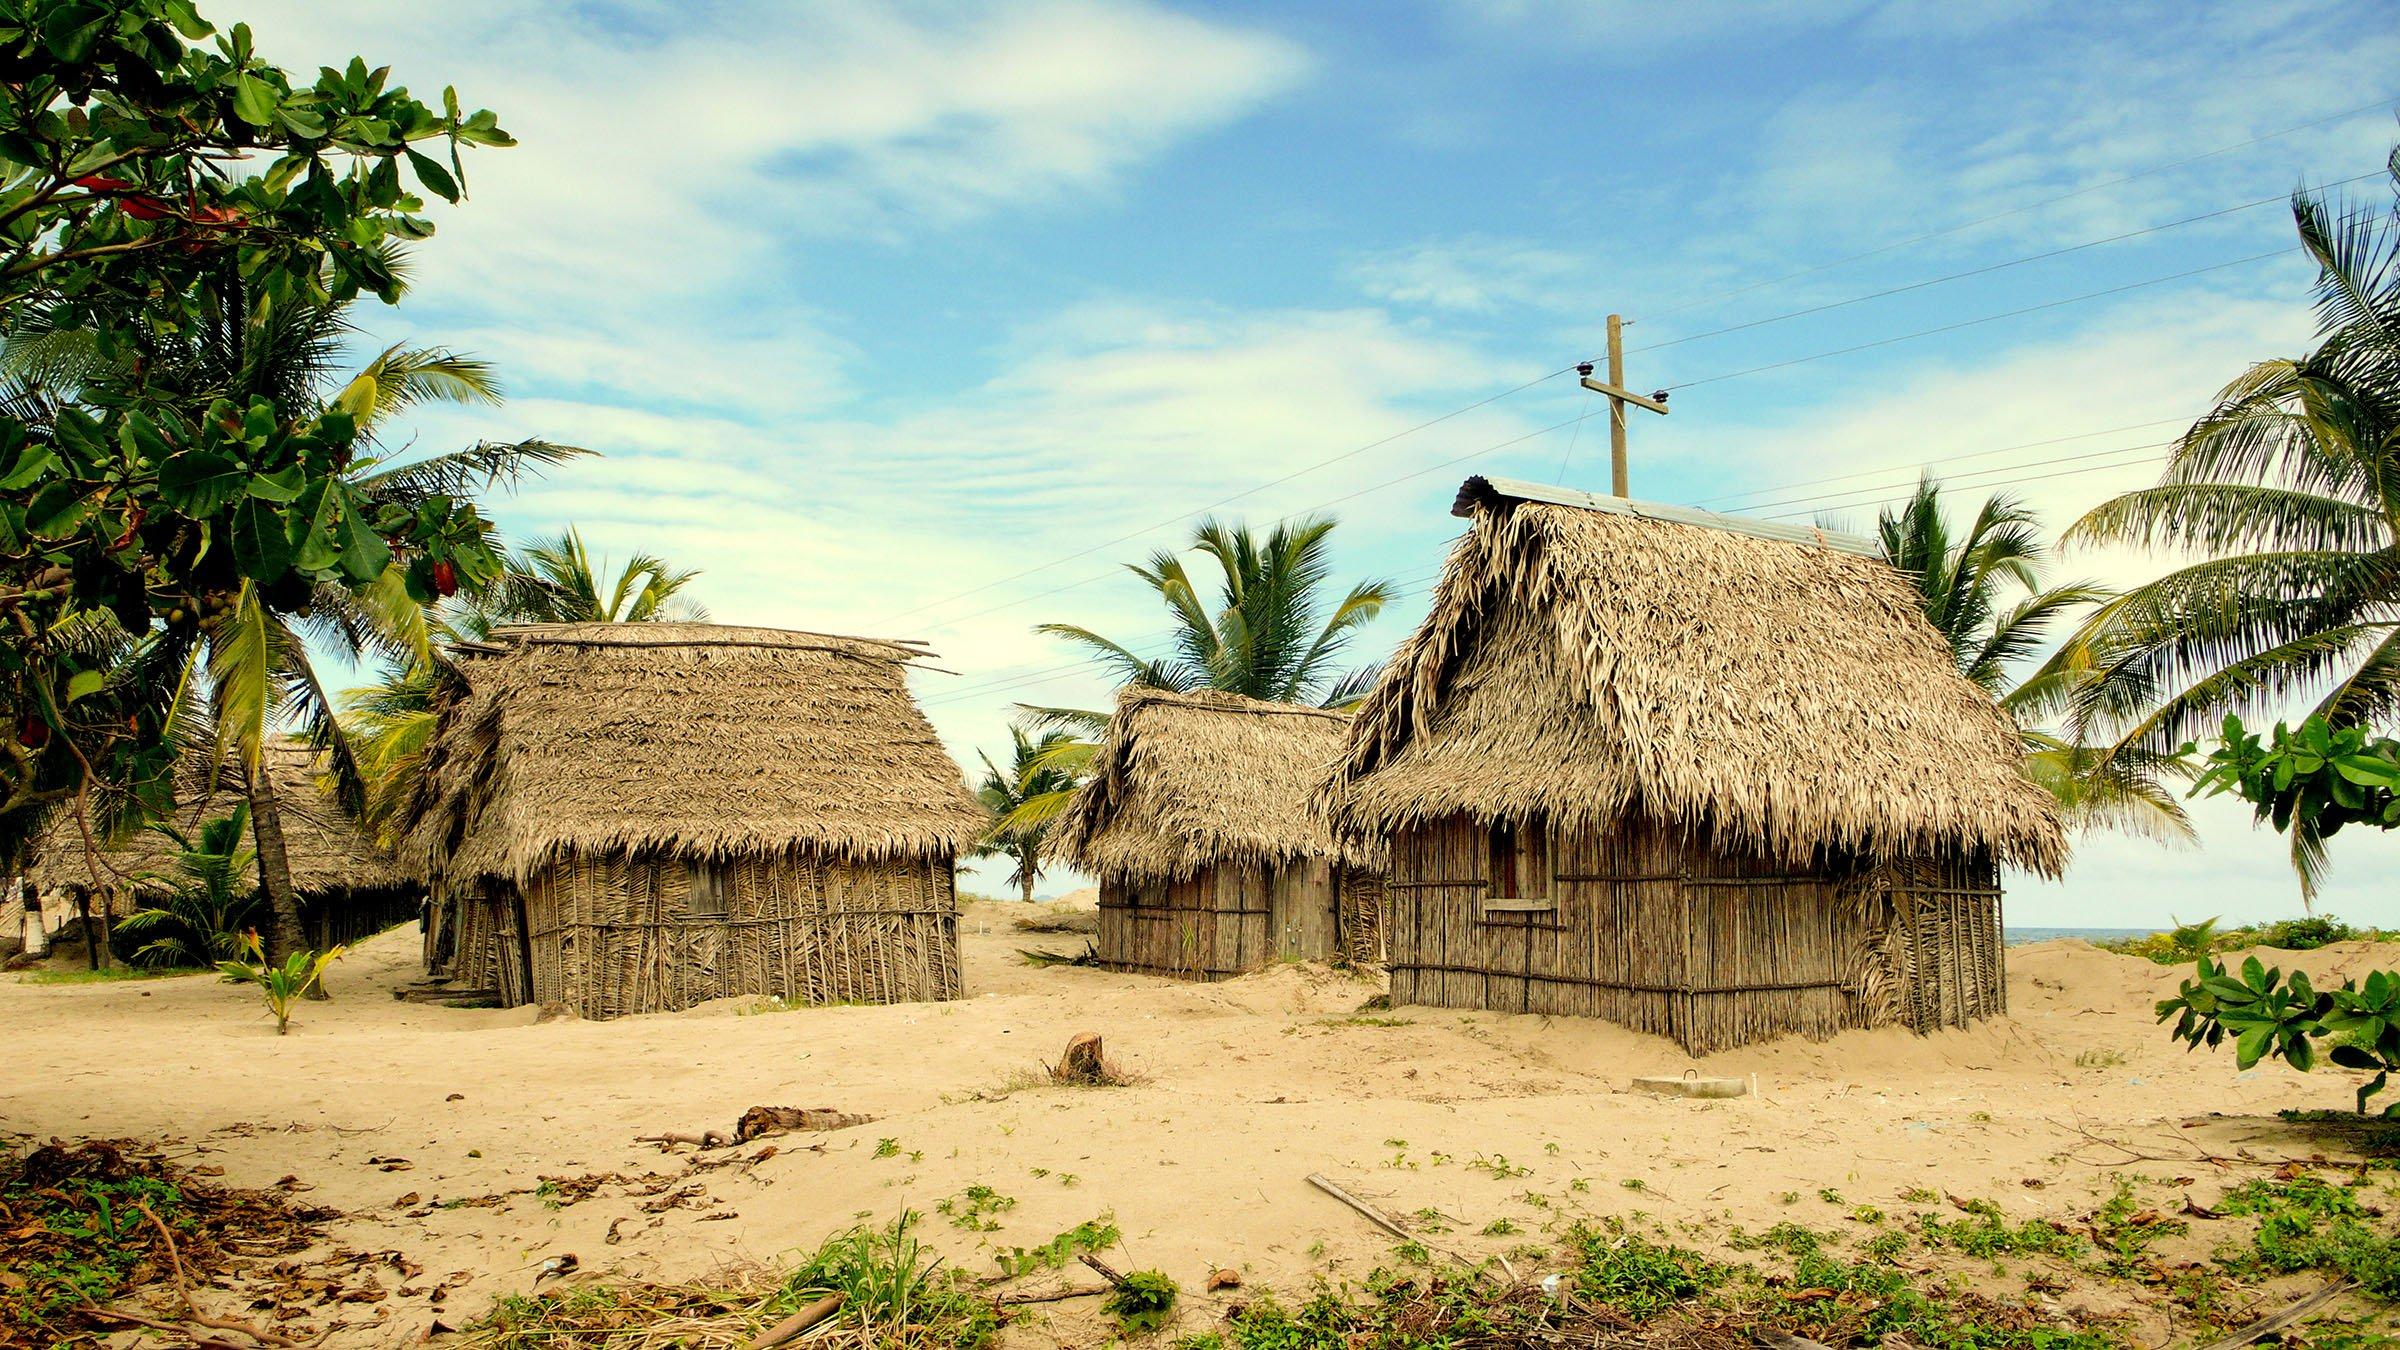 Las casas t picas de los garifunas - Casas en pueblos ...